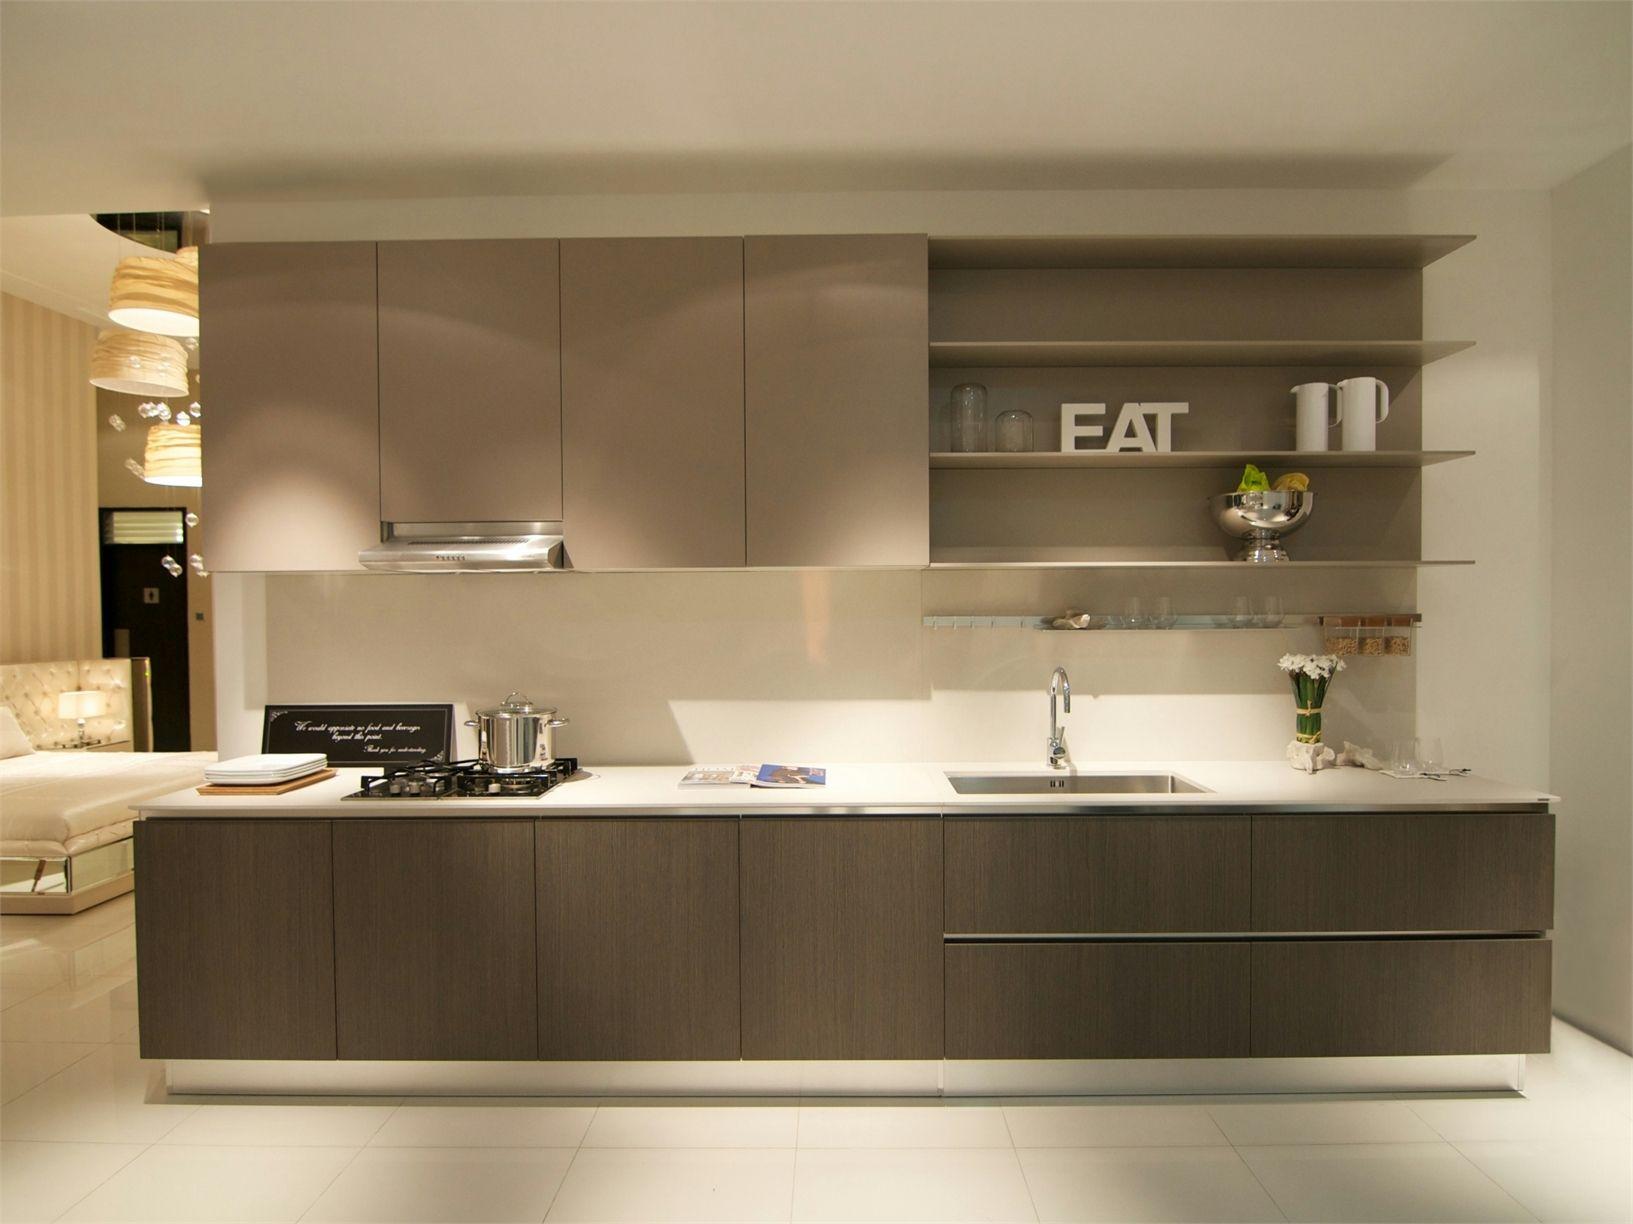 Ernestomeda approda a singapore - Ernesto meda cucine listino prezzi ...